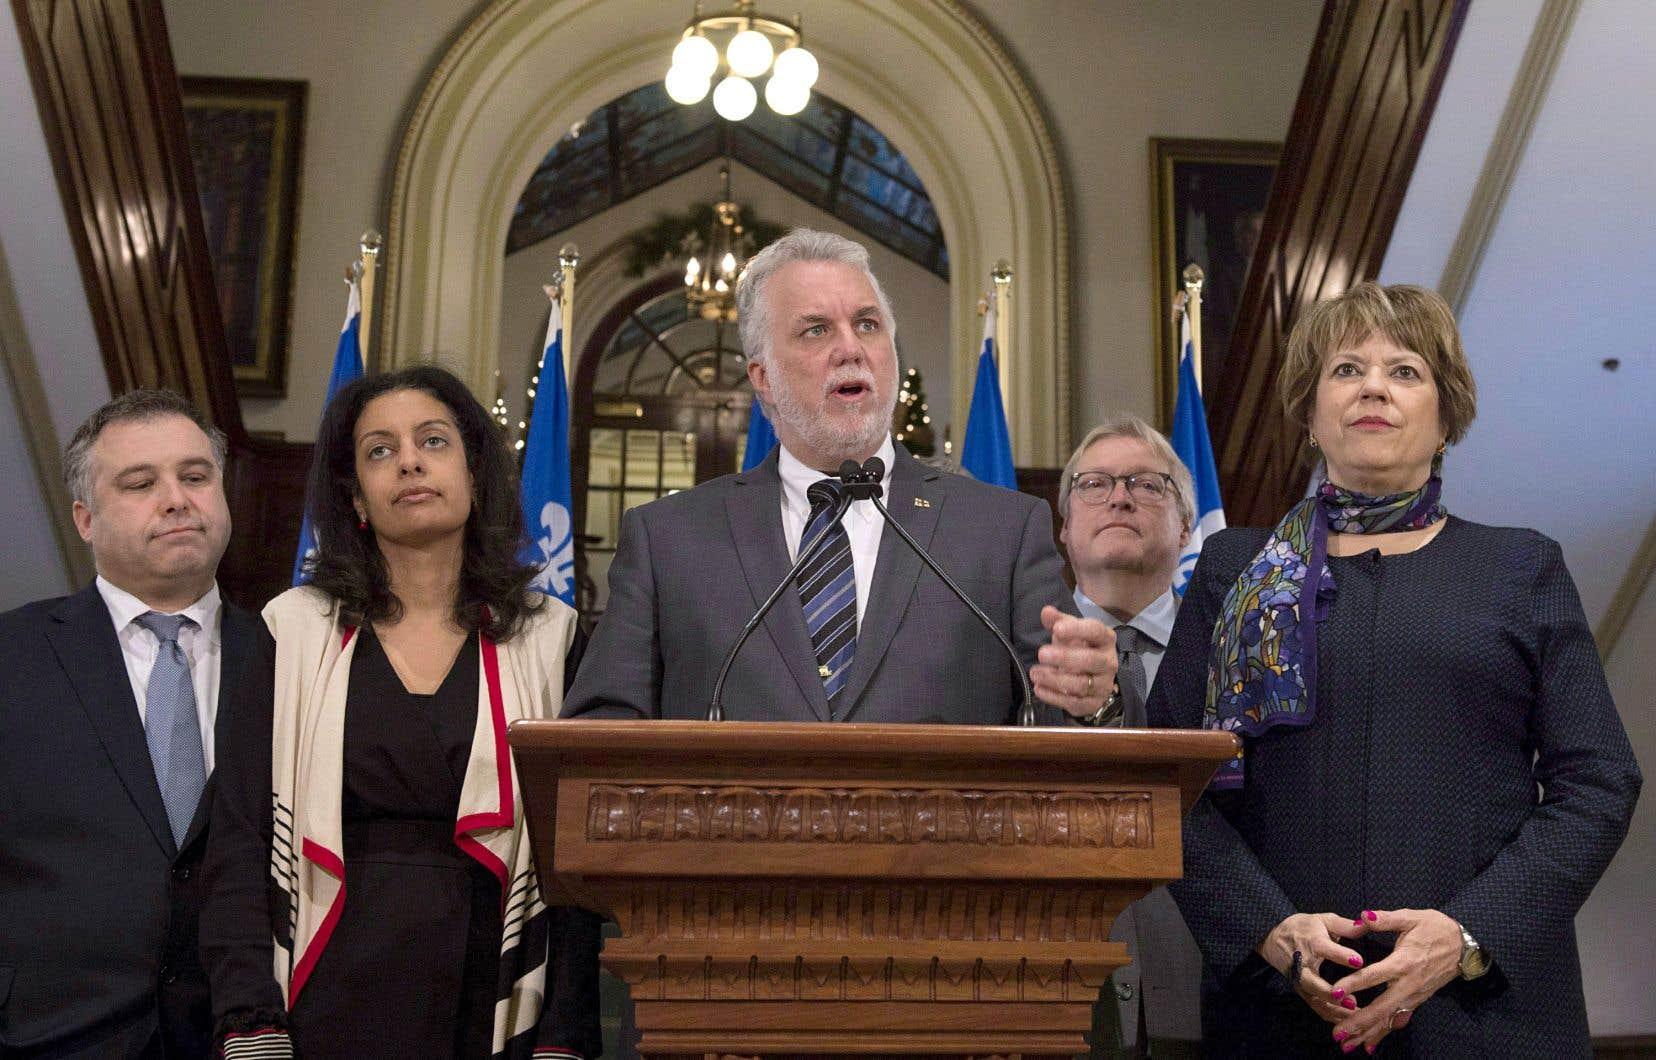 Le premier ministre Philippe Couillard entouré des ministres Sébastien Proulx, Dominique Anglade, Gaétan Barrette et Hélène David.